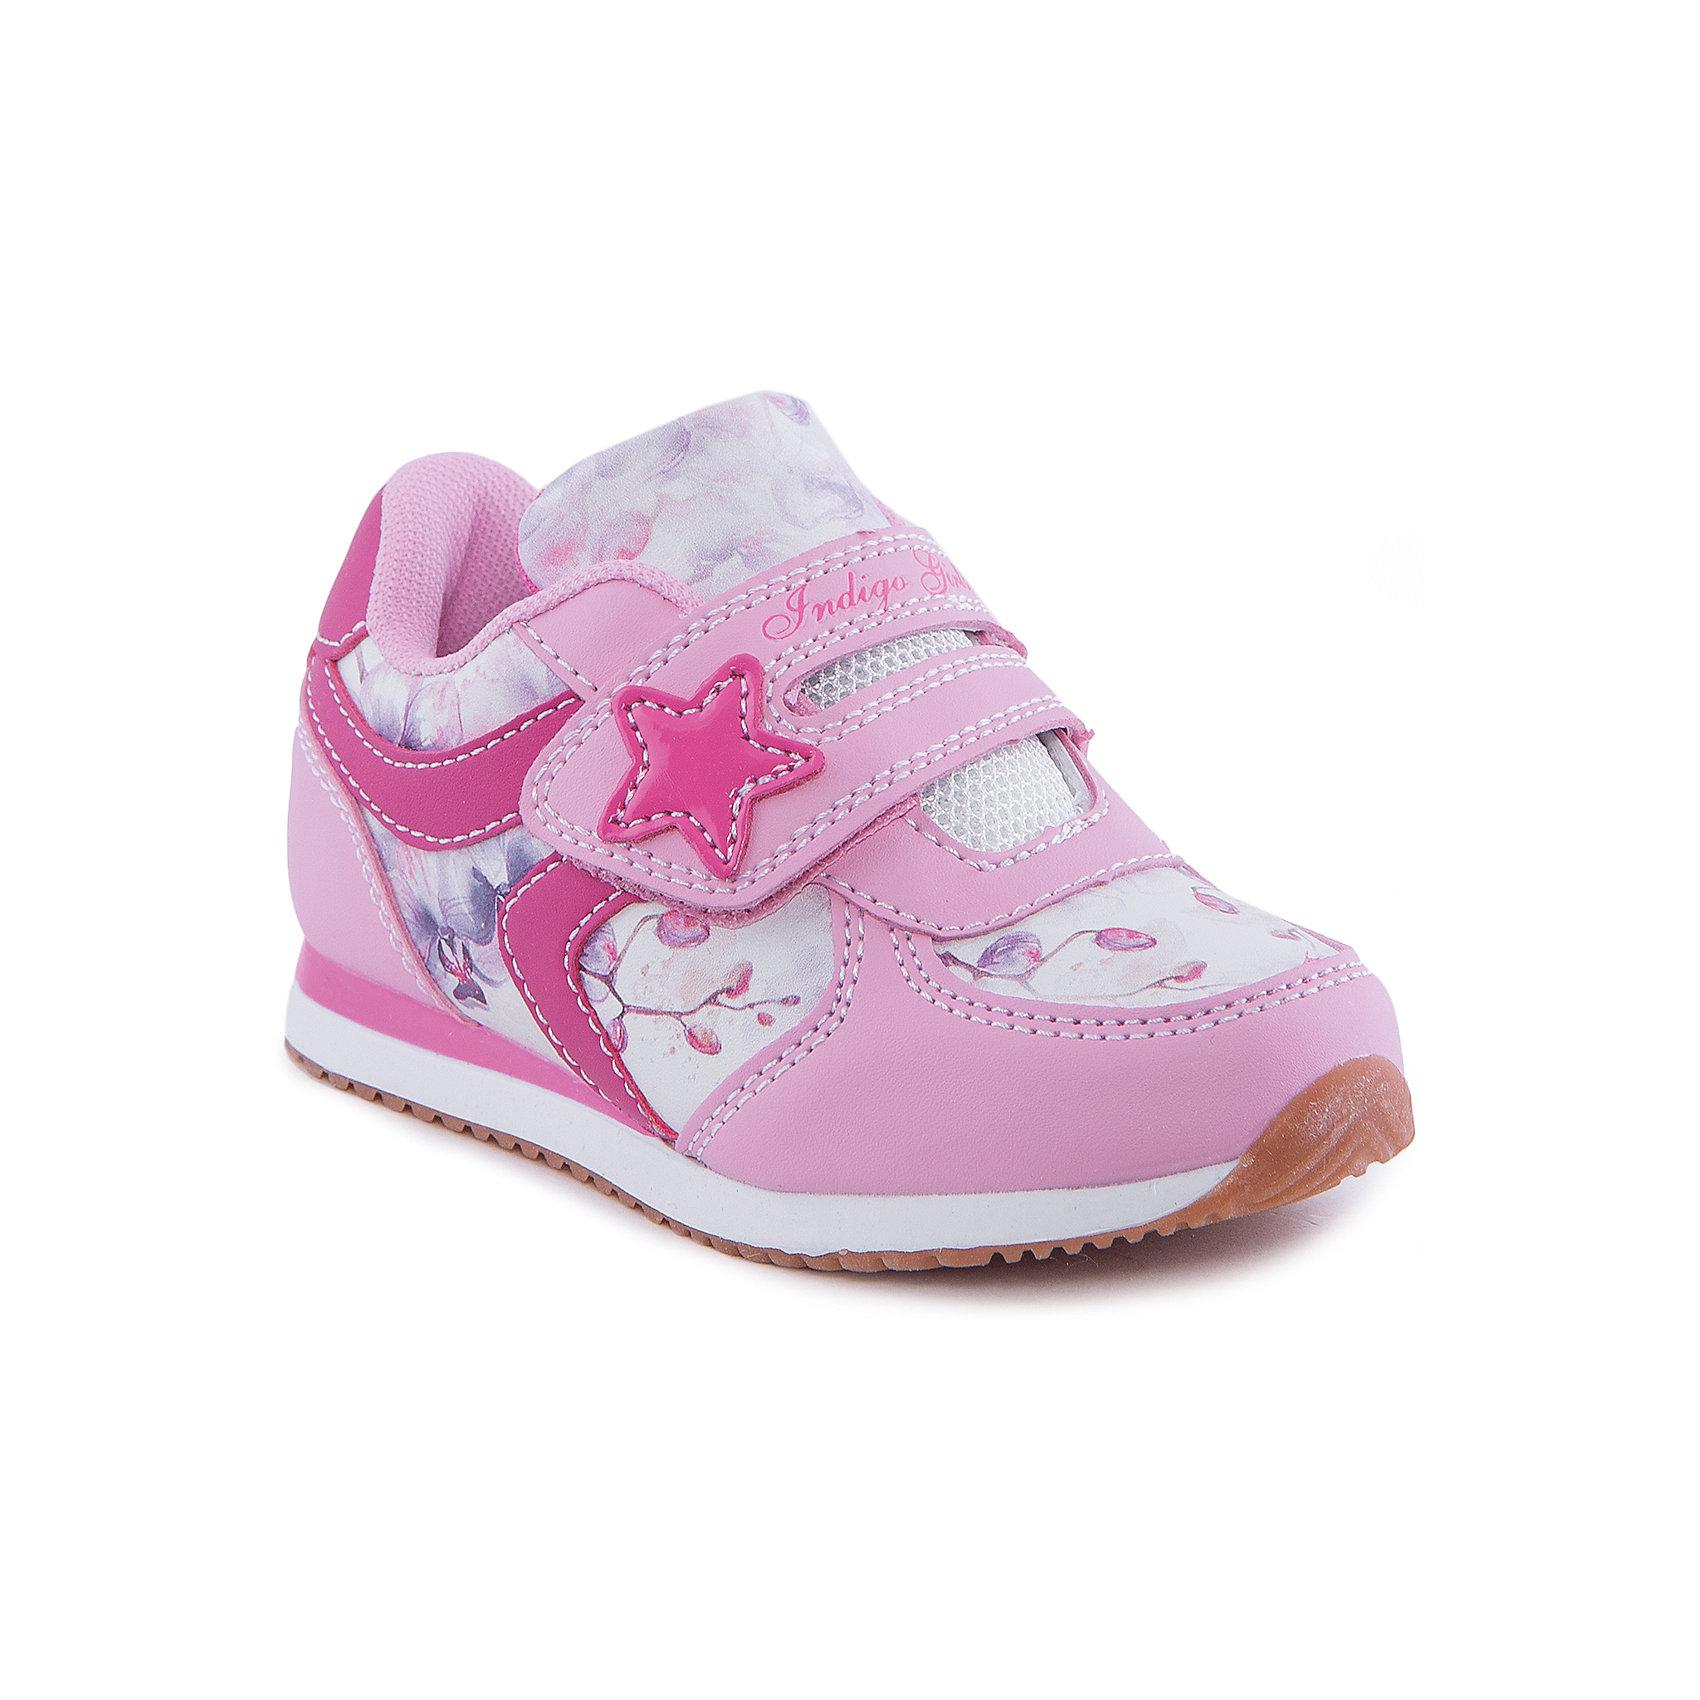 Кроссовки для девочки Indigo kidsКроссовки для девочки от известного бренда Indigo kids<br><br>Модные розовые кроссовки позволяют ножкам ребенка свободно дышать. Они легко надеваются и комфортно садятся по ноге. Оригинальный дизайн и качественное исполнение выделяют такую обувь из общего ряда новых моделей для этого сезона.<br><br>Особенности модели:<br><br>- цвет - розовый;<br>- стильный дизайн;<br>- удобная колодка;<br>- текстильная подкладка;<br>- украшены принтом;<br>- устойчивая подошва;<br>- дышащий материал;<br>- застежки: липучки.<br><br>Дополнительная информация:<br><br>Температурный режим:<br>от +10° С до +20° С<br><br>Состав:<br><br>верх – искусственная кожа/текстиль;<br>подкладка - текстиль;<br>подошва - ТЭП.<br><br>Кроссовки для девочки Indigo kids (Индиго Кидс) можно купить в нашем магазине.<br><br>Ширина мм: 262<br>Глубина мм: 176<br>Высота мм: 97<br>Вес г: 427<br>Цвет: розовый<br>Возраст от месяцев: 24<br>Возраст до месяцев: 36<br>Пол: Женский<br>Возраст: Детский<br>Размер: 26,28,30,29,27,25<br>SKU: 4582827